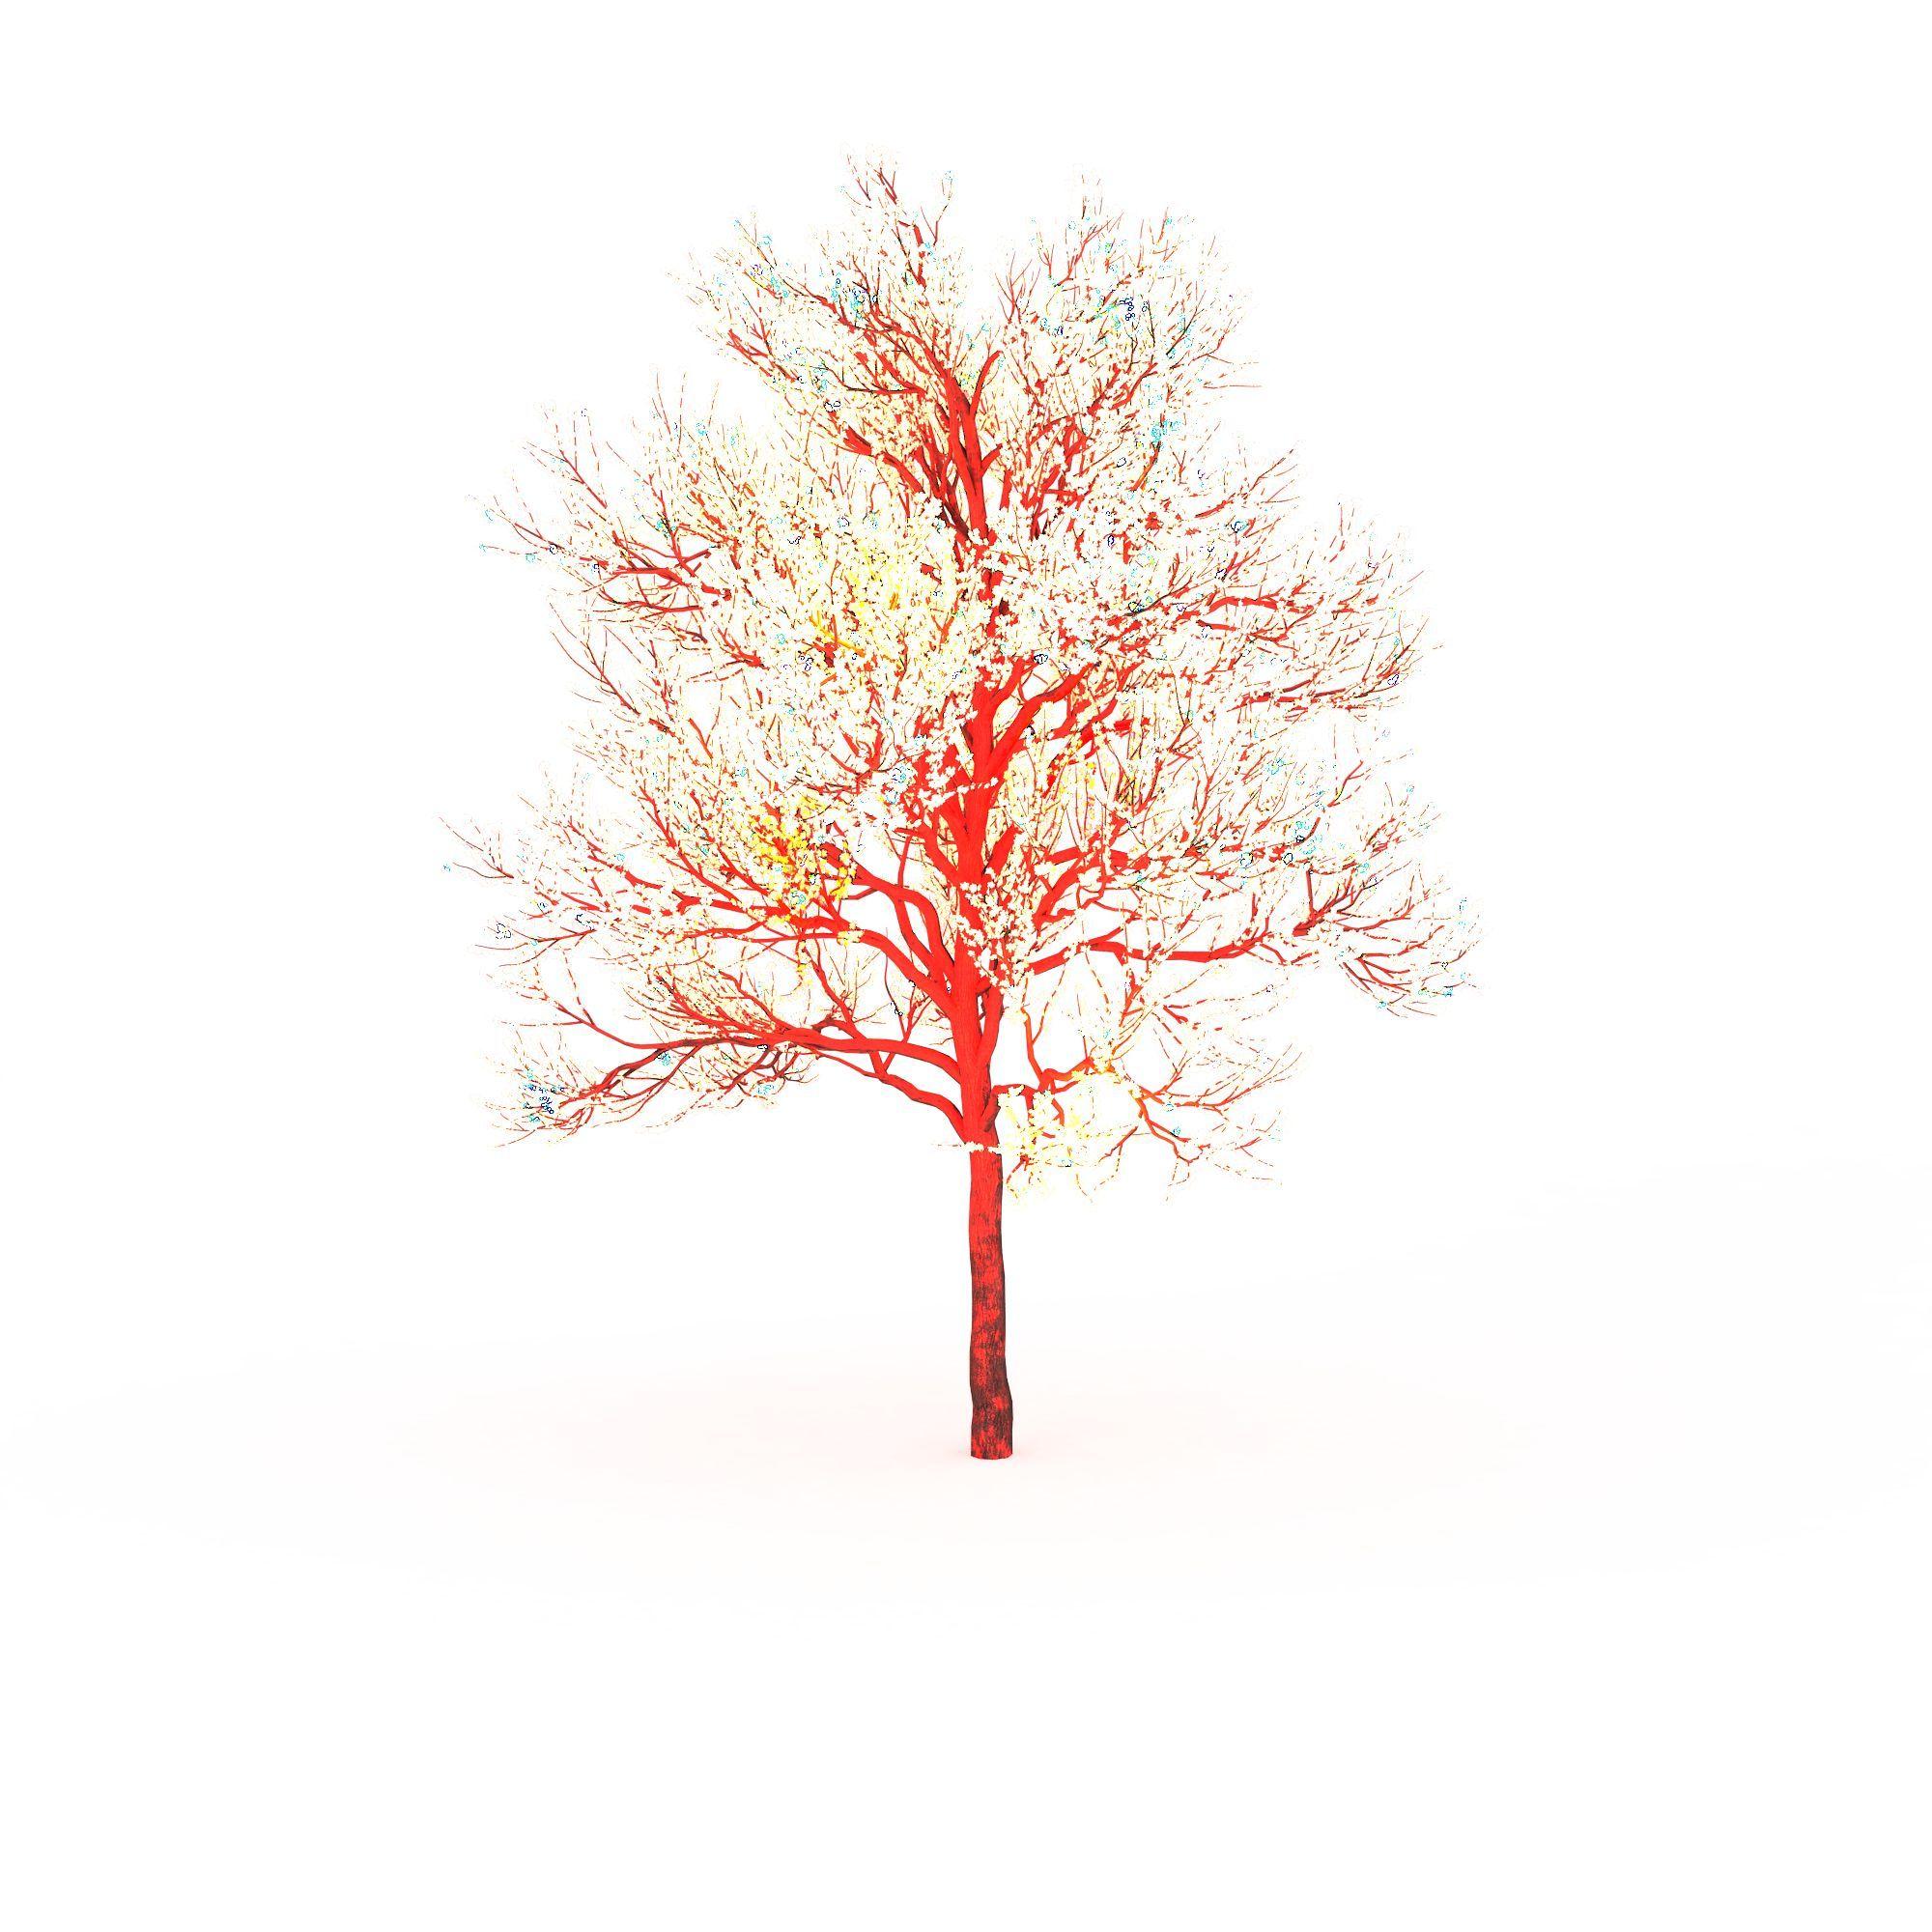 红色景观树图片_红色景观树png图片素材_红色景观树图